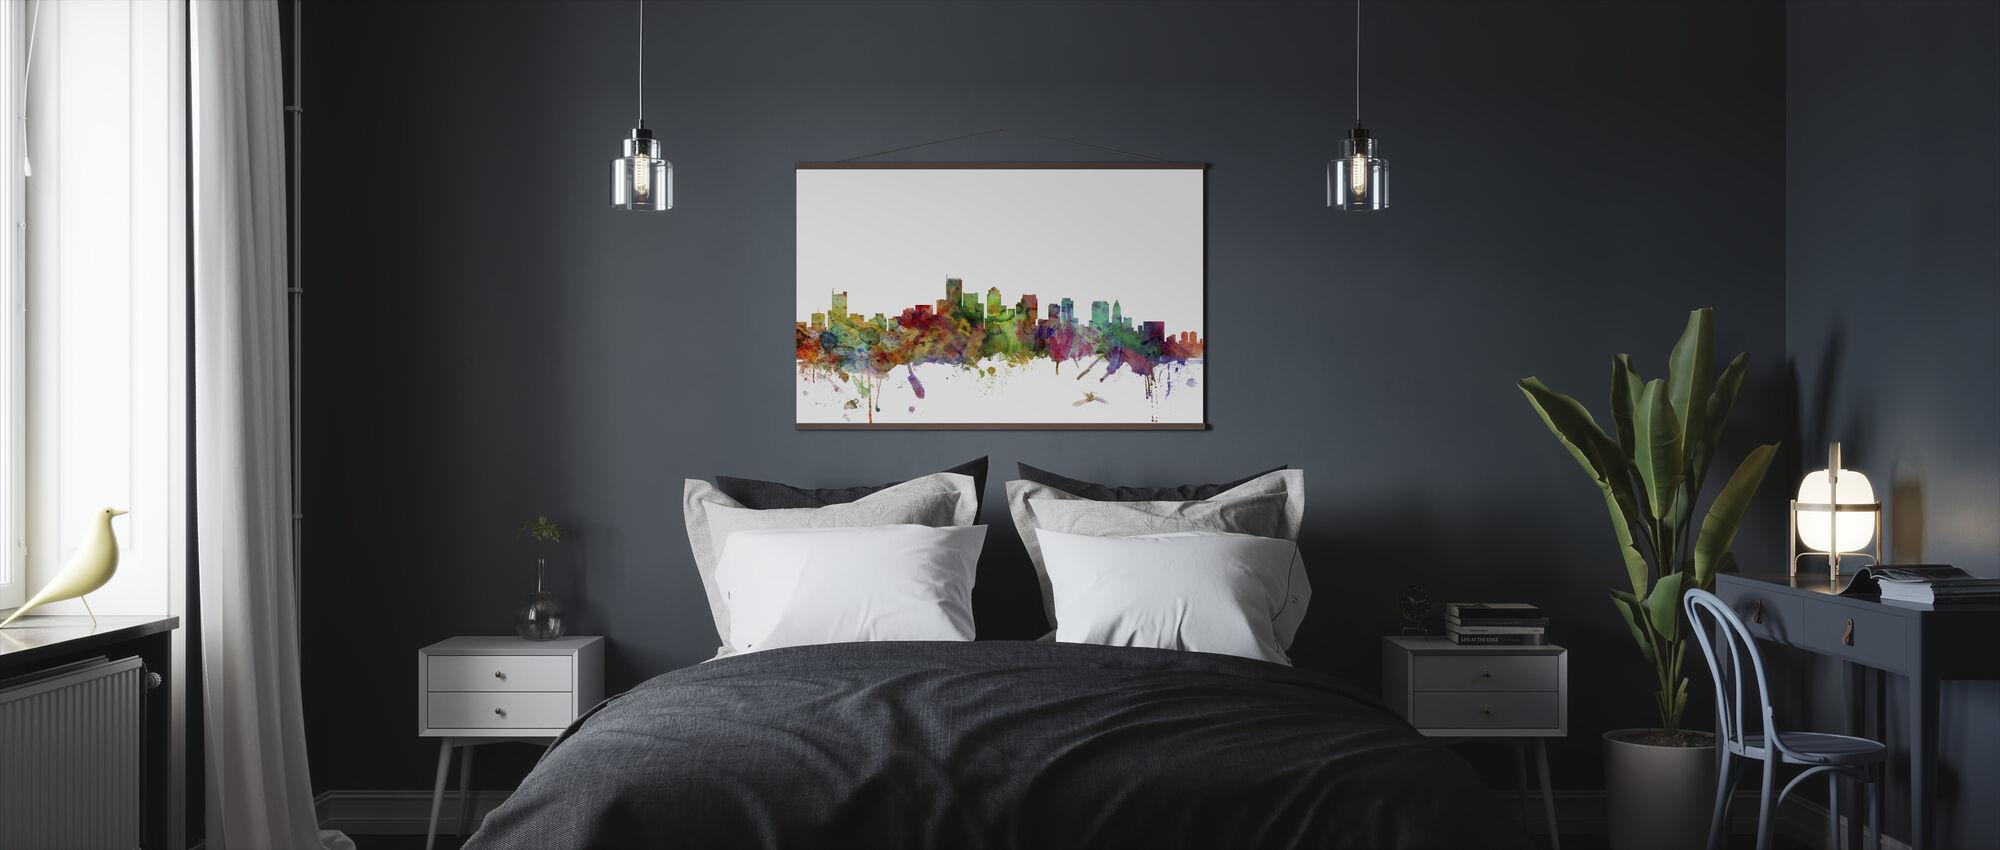 Boston Massachusetts Skyline - Poster - Bedroom